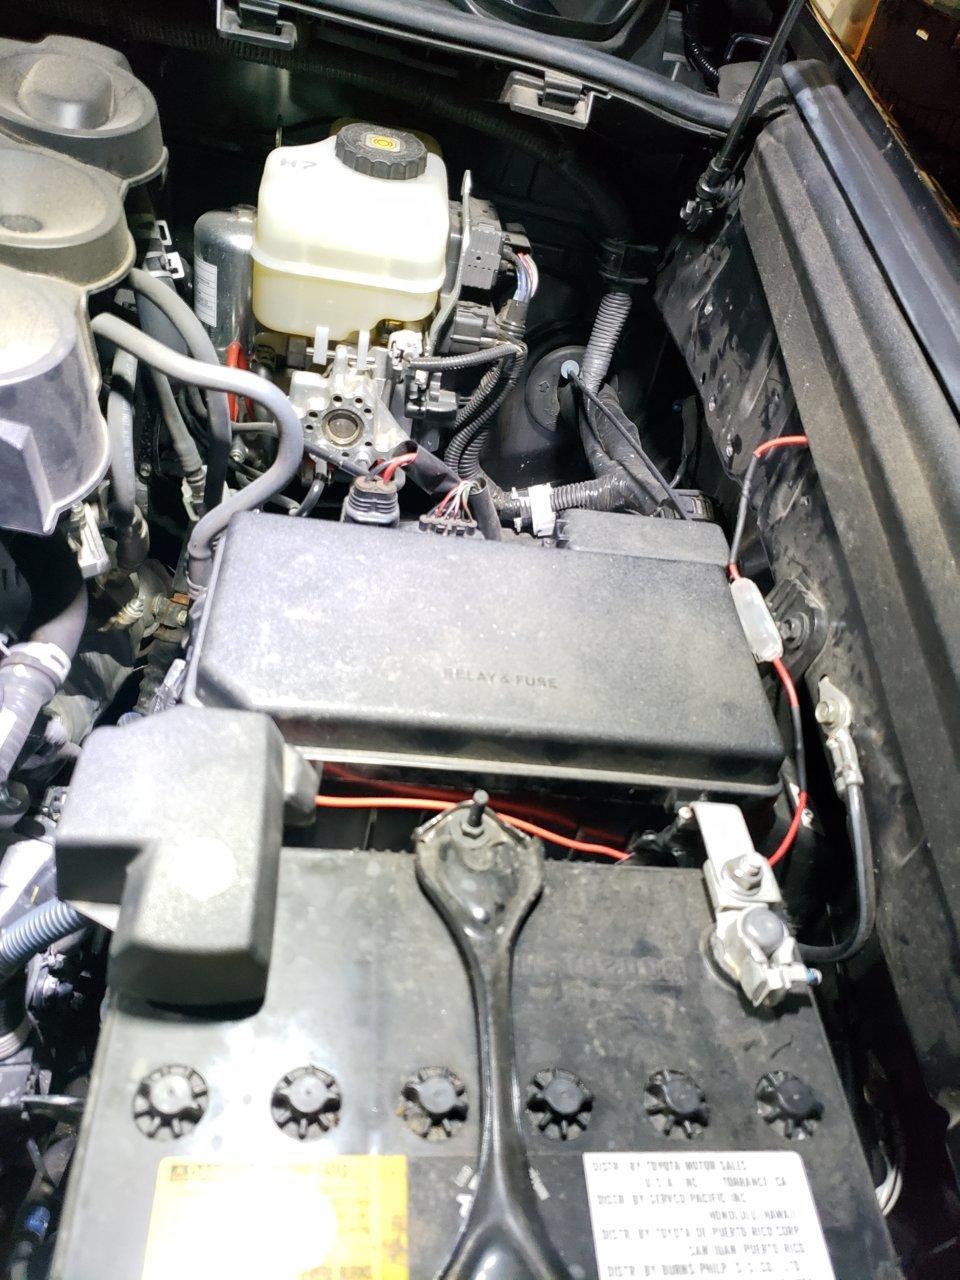 20191231_180220 - Hood Light Battery.jpg